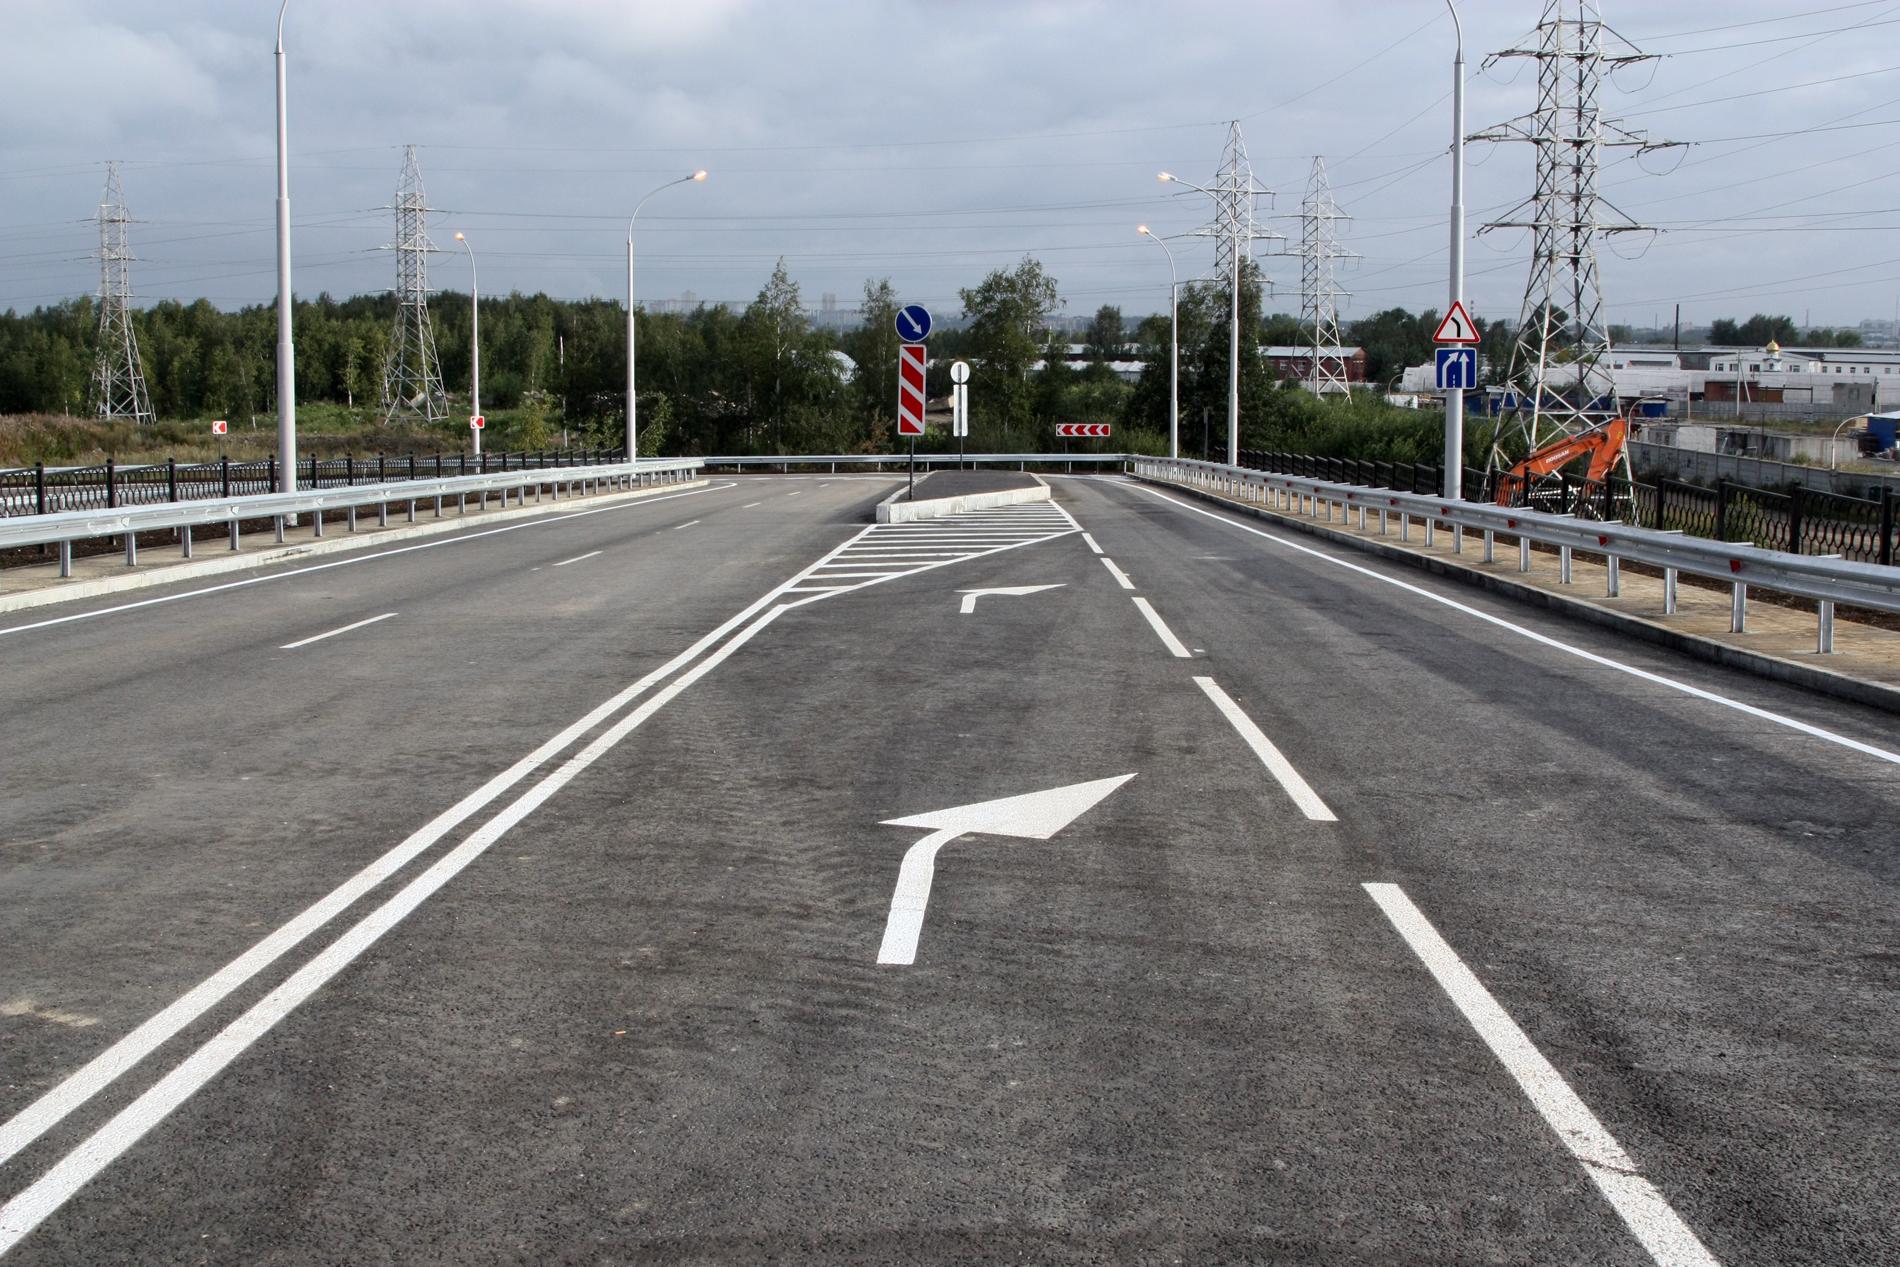 Областная ГИБДД обеспокоена ростом числа утомленных водителей